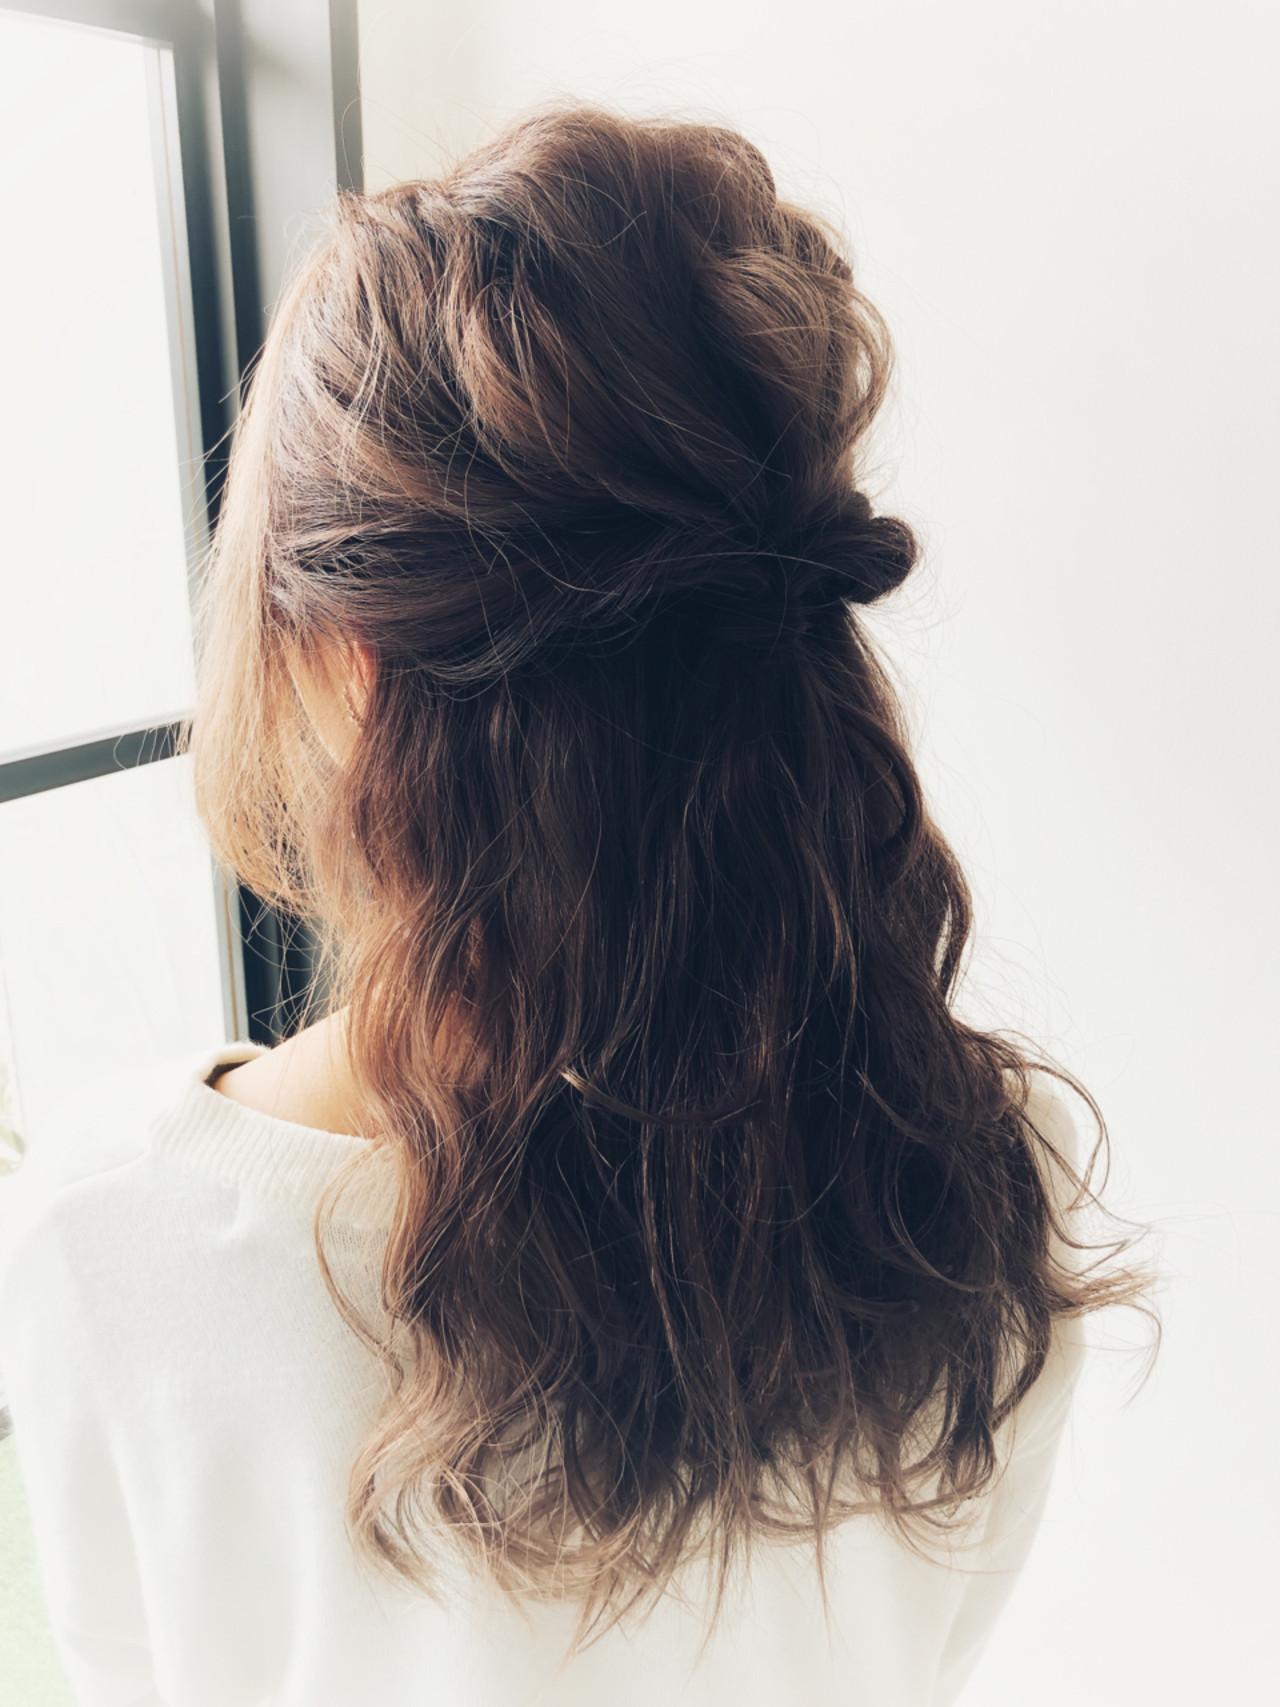 數位燙髮×翻轉編髮,打造出省時髮型♪ 橋本 紘樹